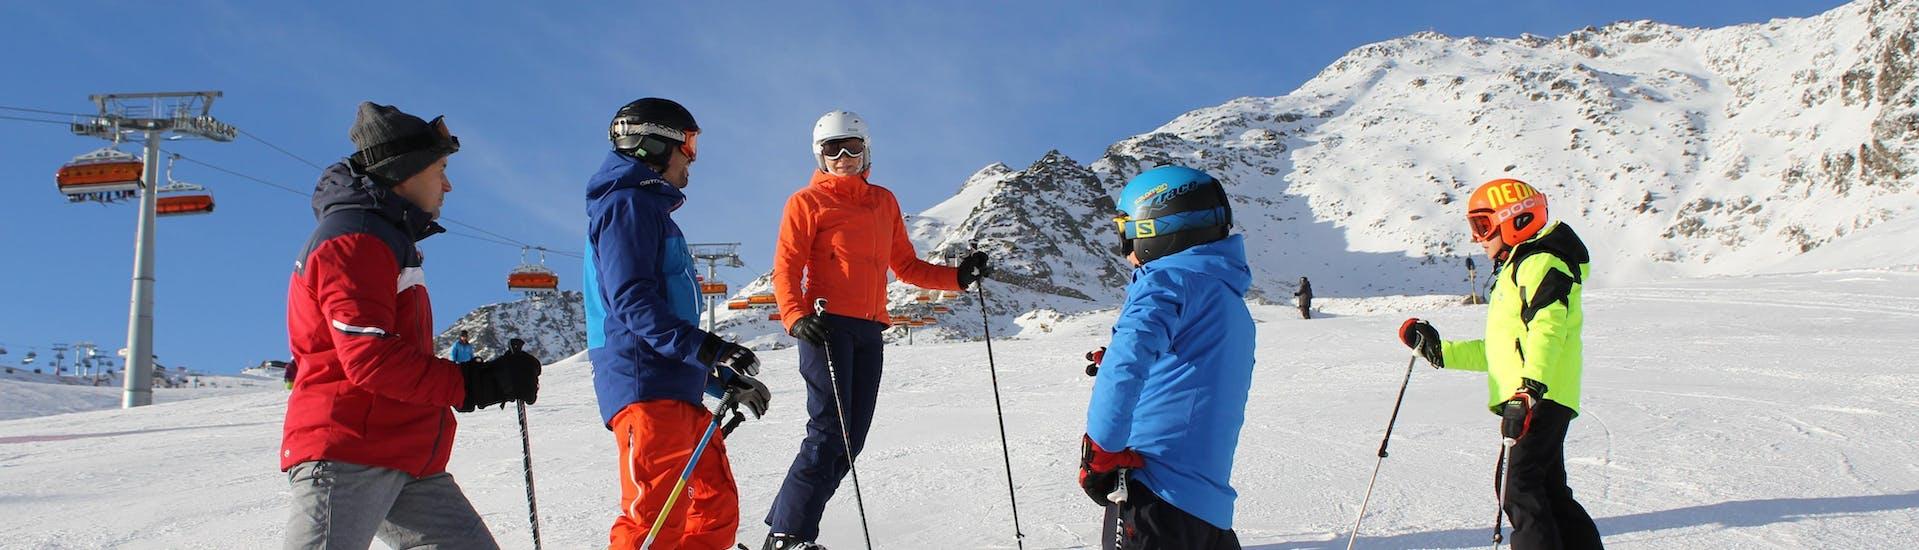 Privater Skikurs für Familien und Freunde